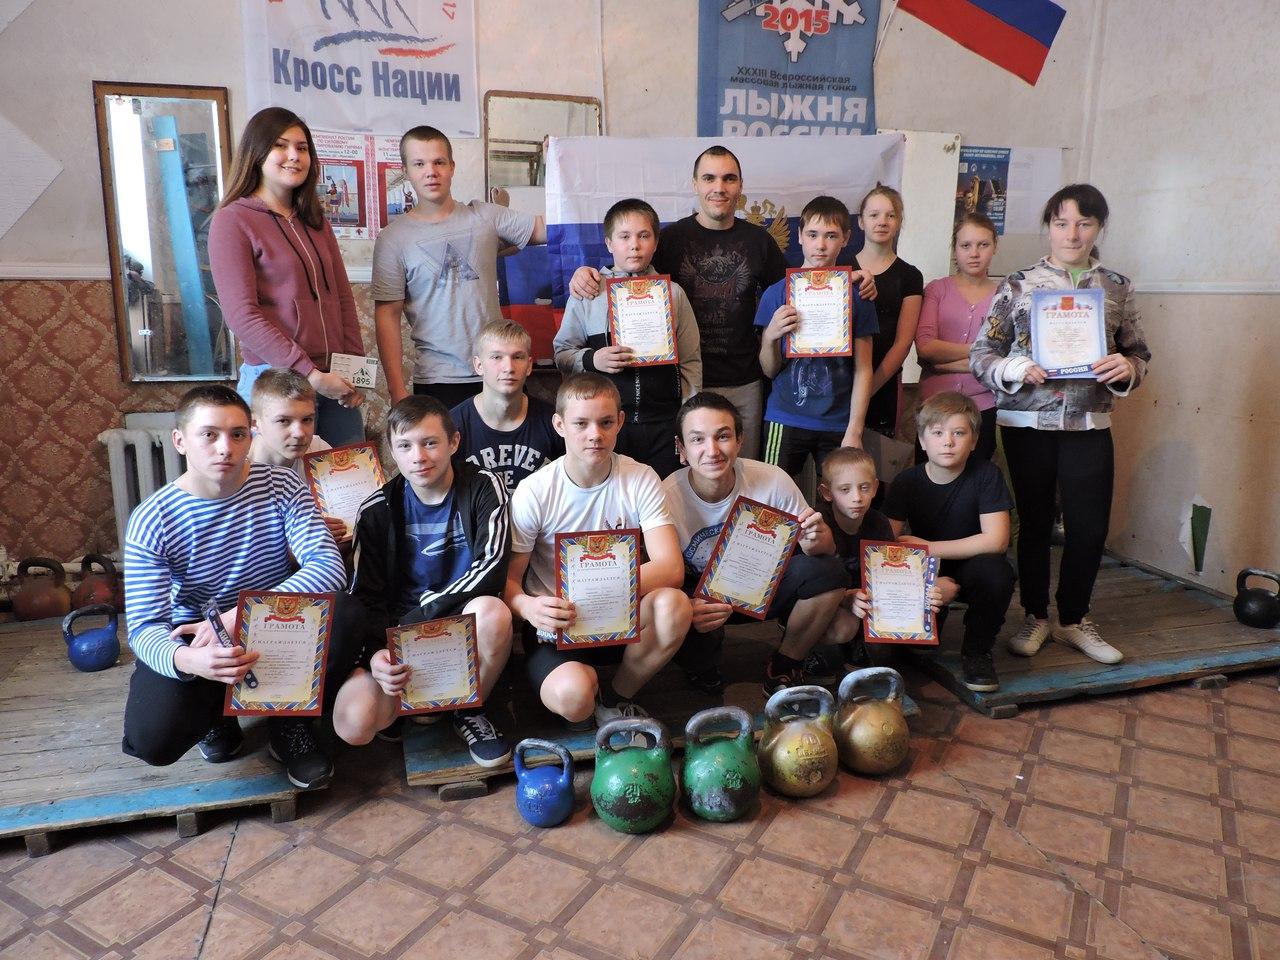 Школьники Лебяжьевского района померились силами в соревнованиях по гиревому спорту